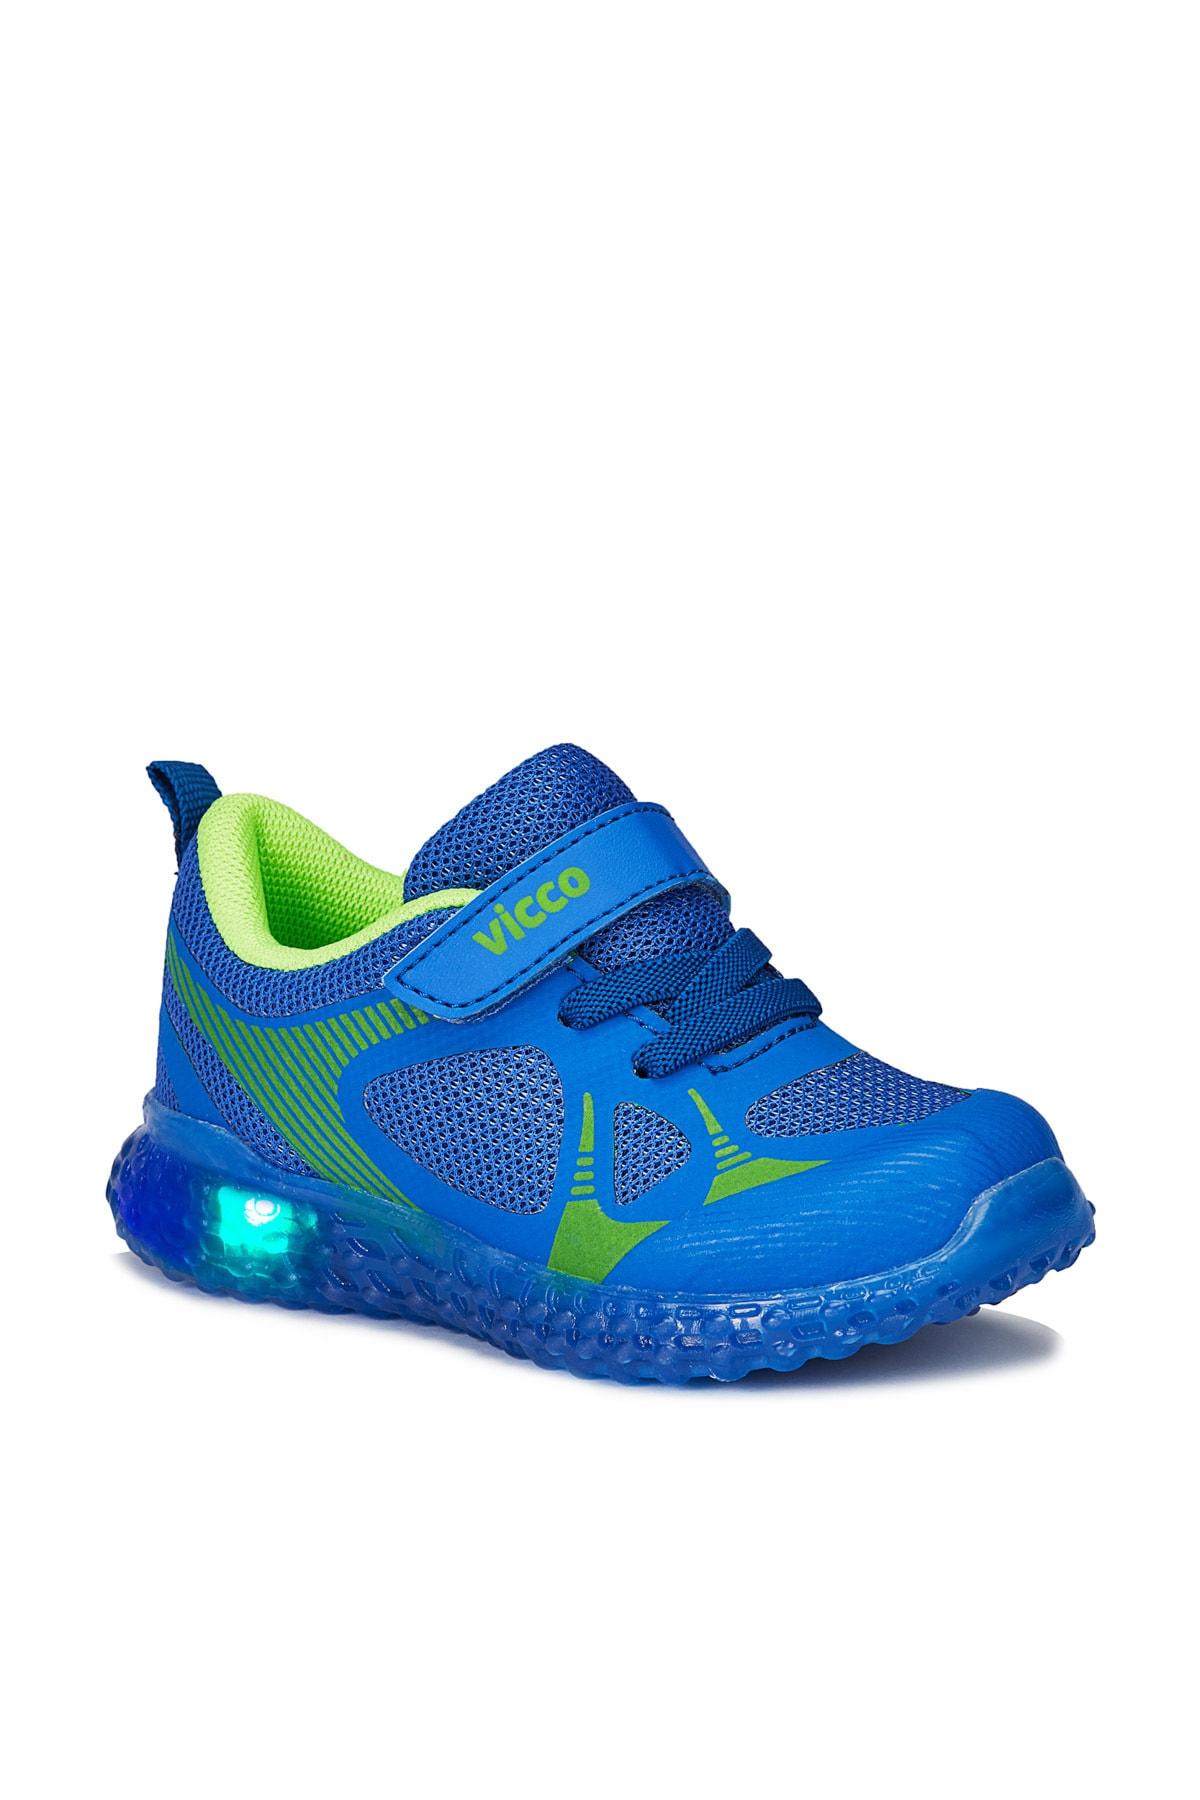 Vicco Figo Erkek Bebe Saks Mavi Spor Ayakkabı 1